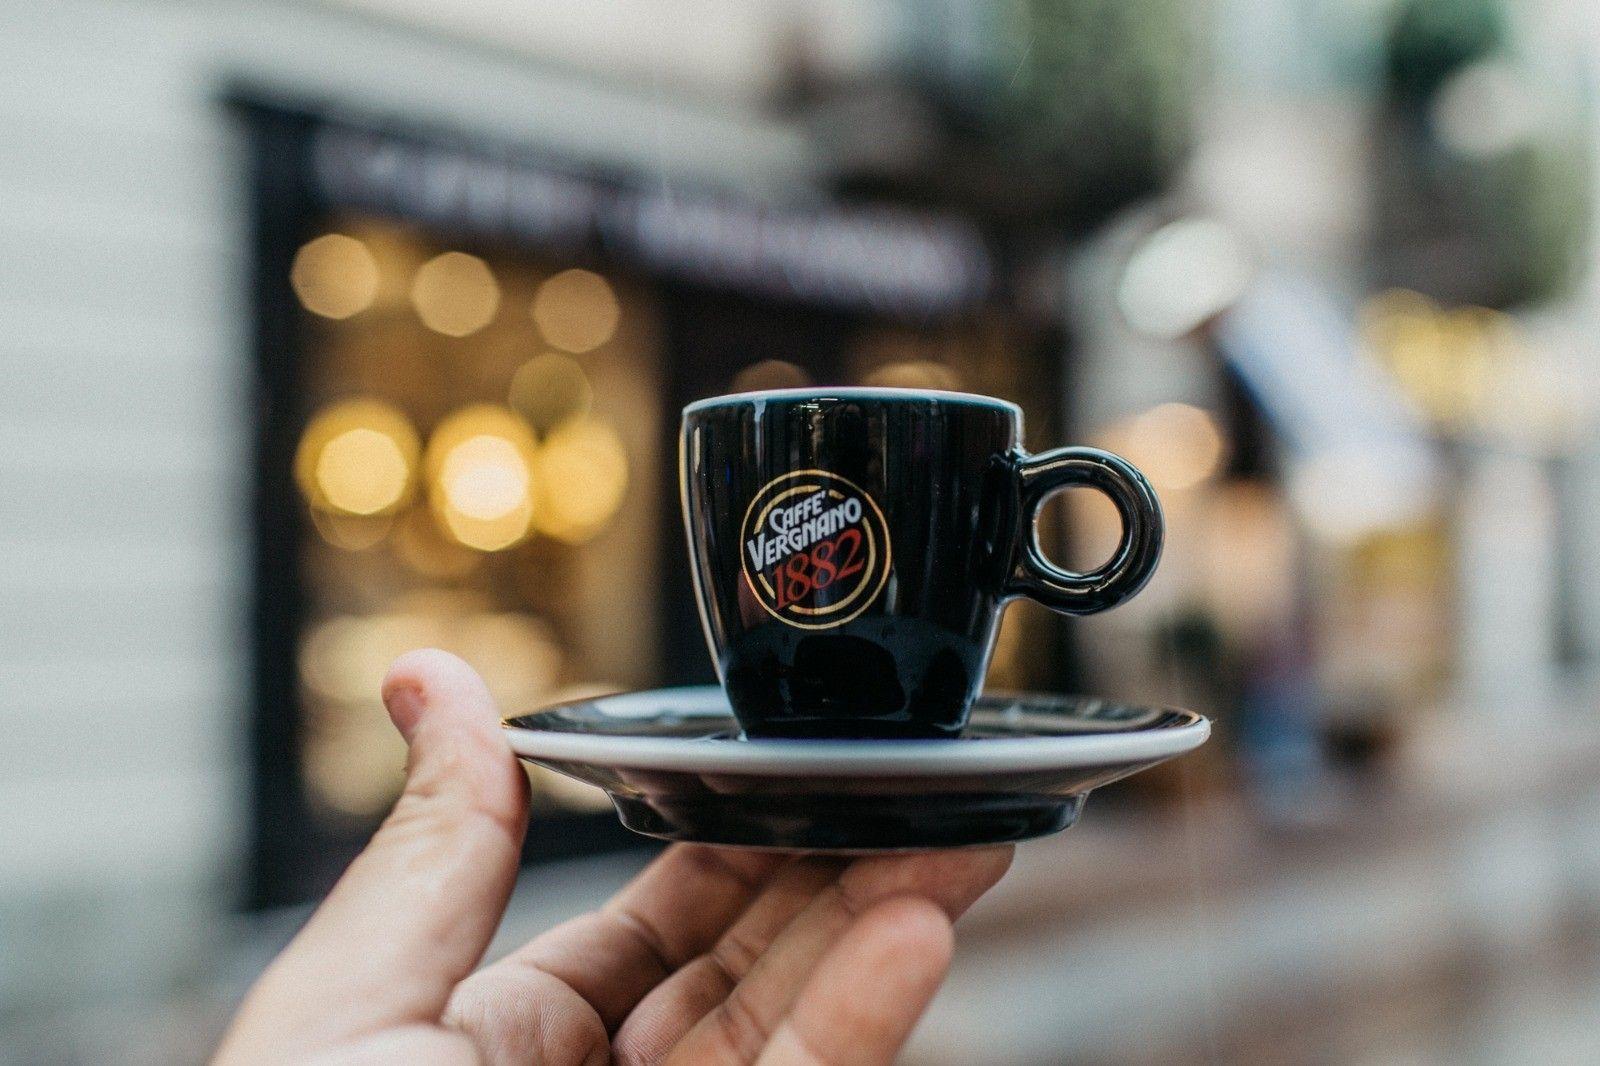 Espresso mon amour: come ordinare un vero caffè italiano all'estero ed evitare equivoci